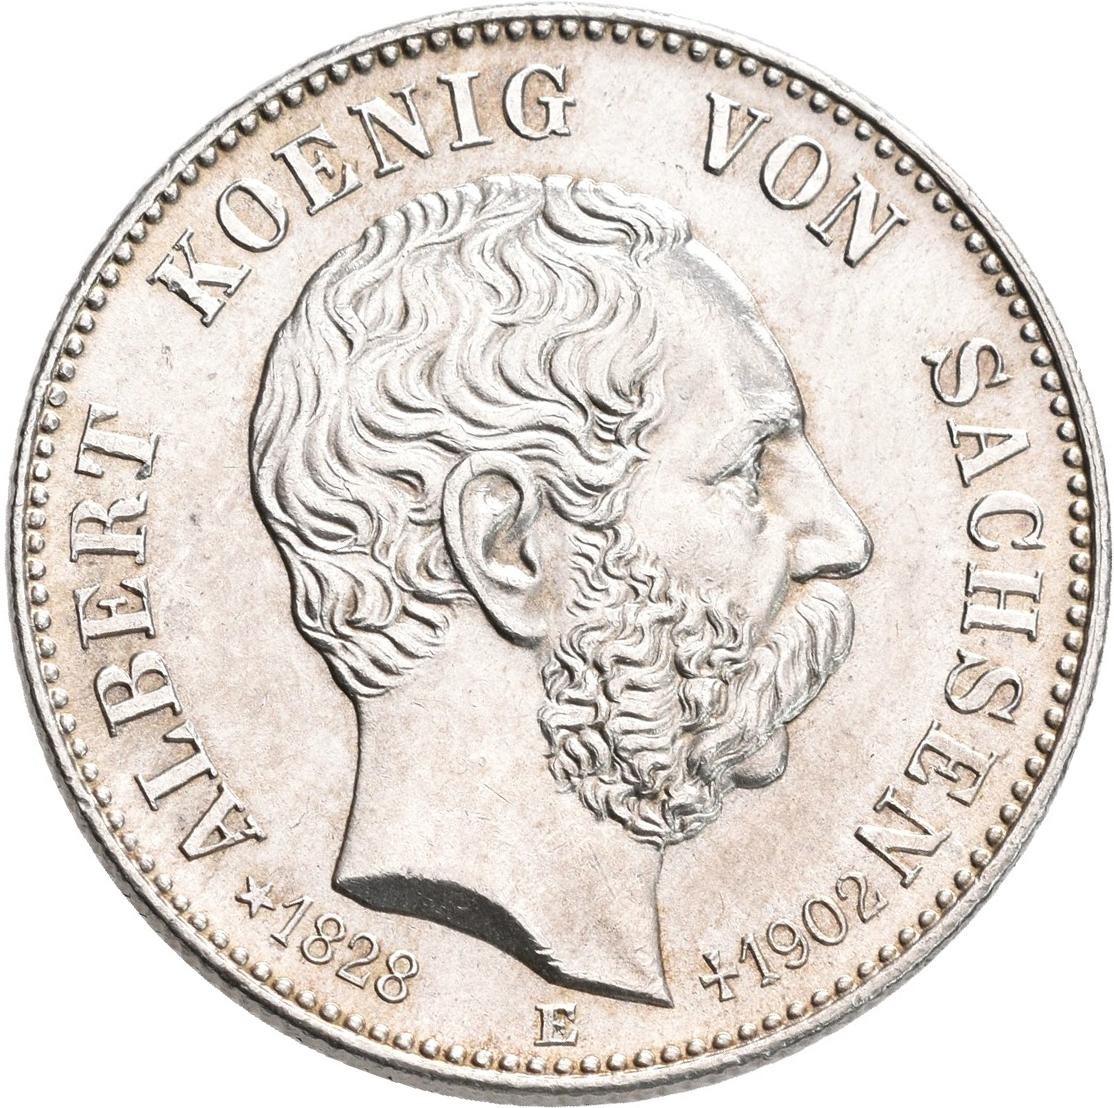 Lot 02239 - Sachsen | Umlaufmünzen 2 Mark bis 5 Mark - Deutsches Kaiserreich  -  Auktionshaus Christoph Gärtner GmbH & Co. KG Sale #48 The Coins & The Picture Post Cards